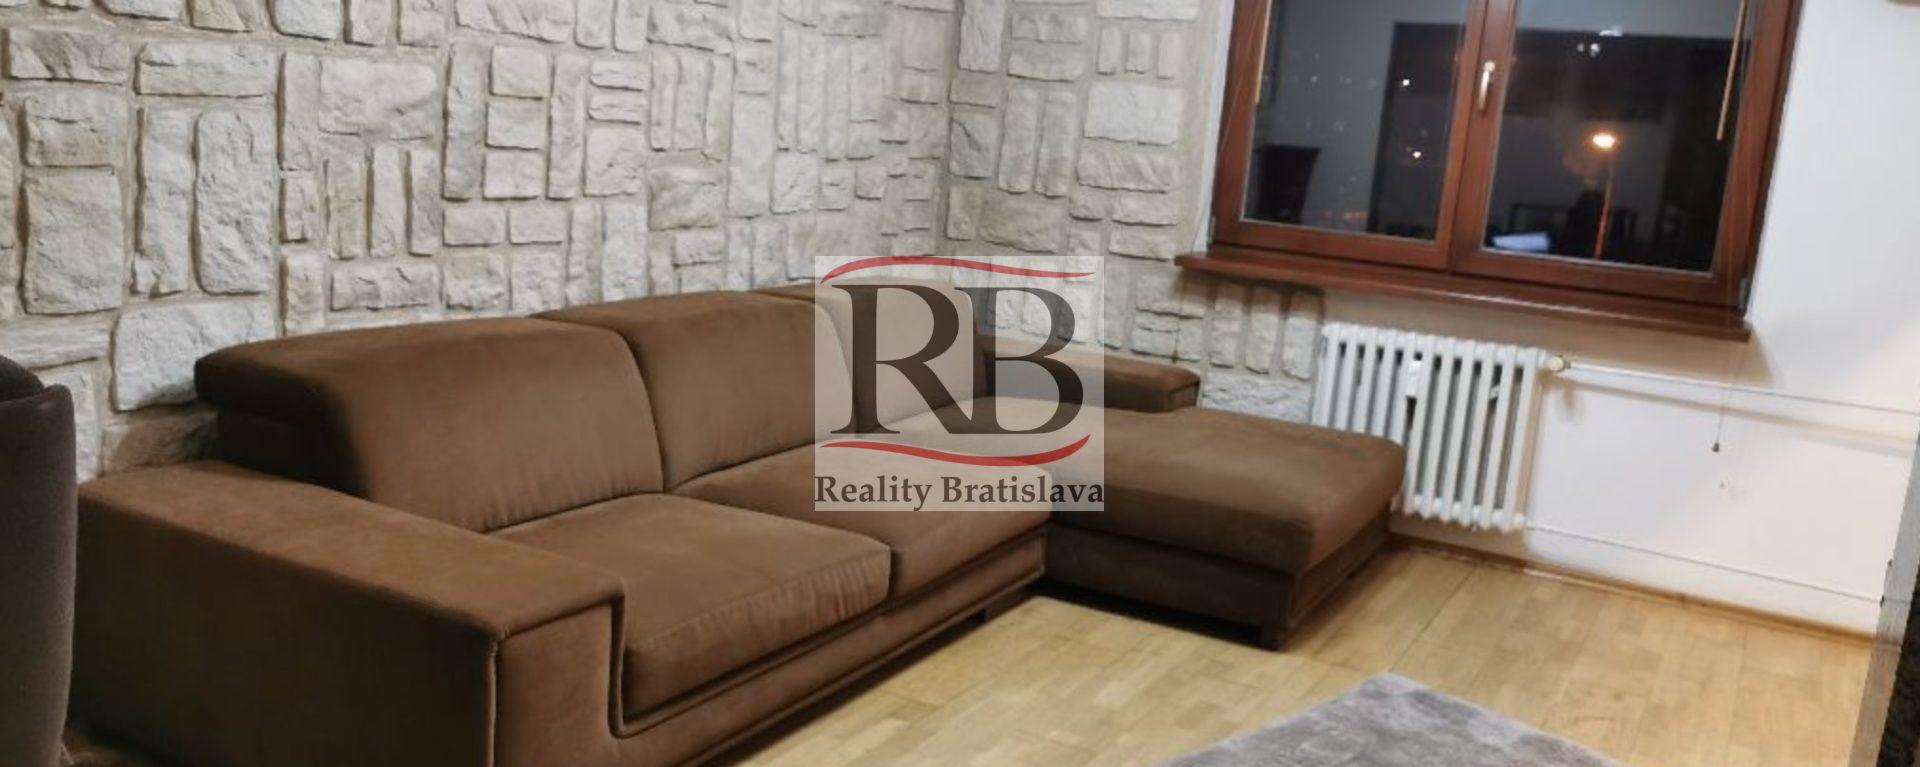 3-izbový byt-Prenájom-Bratislava - mestská časť Nové Mesto-590.00 €